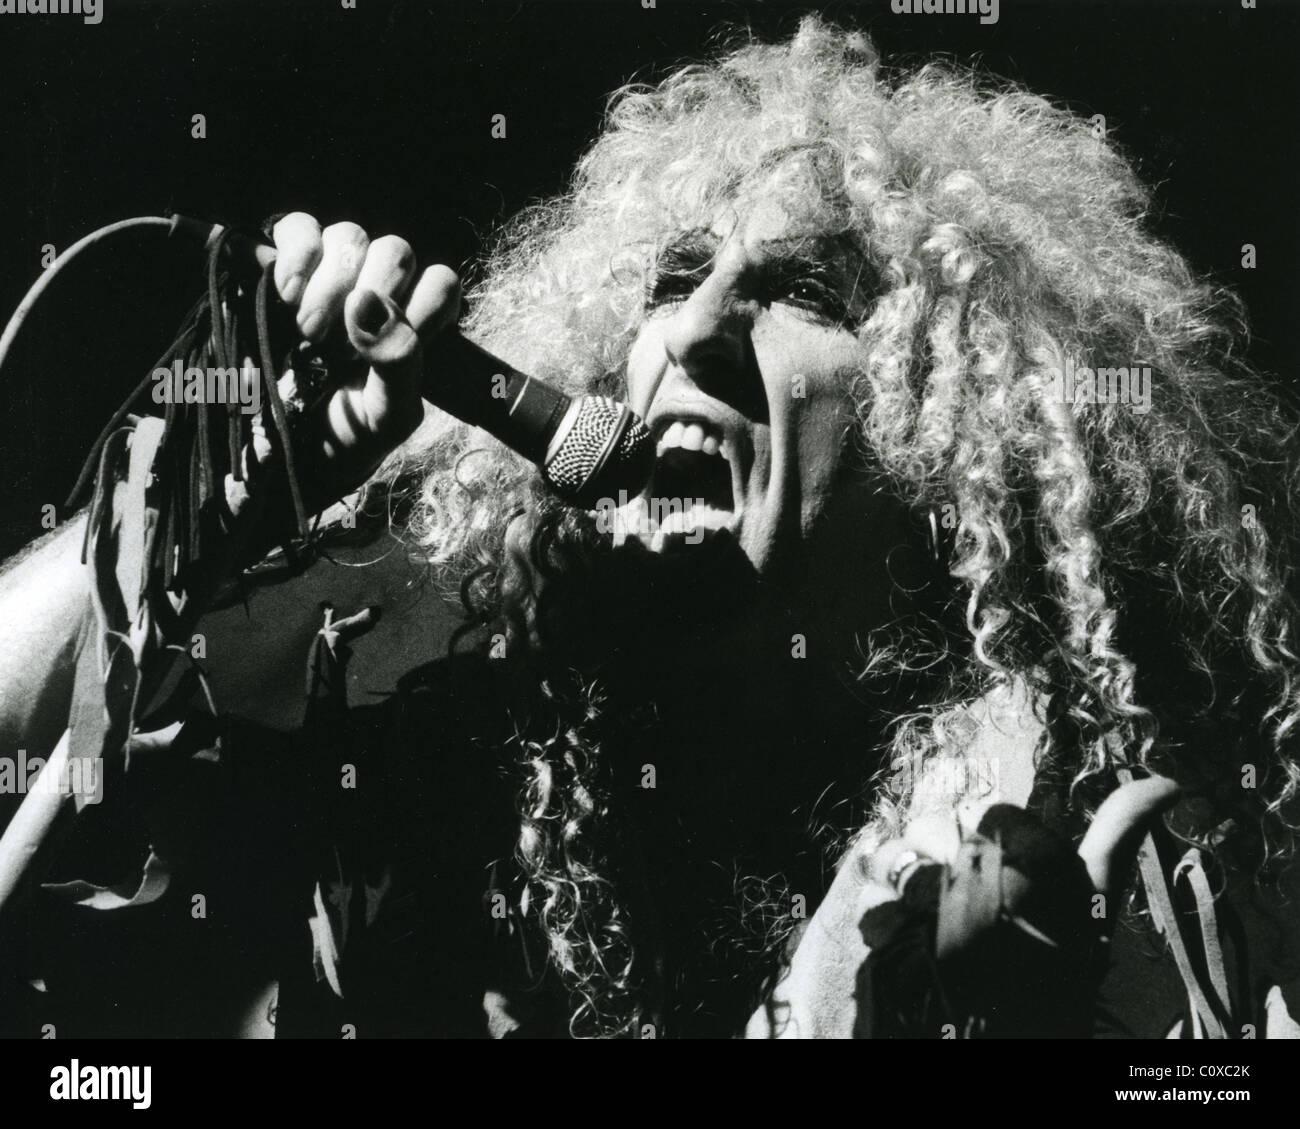 TWISTED SISTER - noi del gruppo rock con Dee Snider nel 1984. Foto Stefano Woodd Immagini Stock